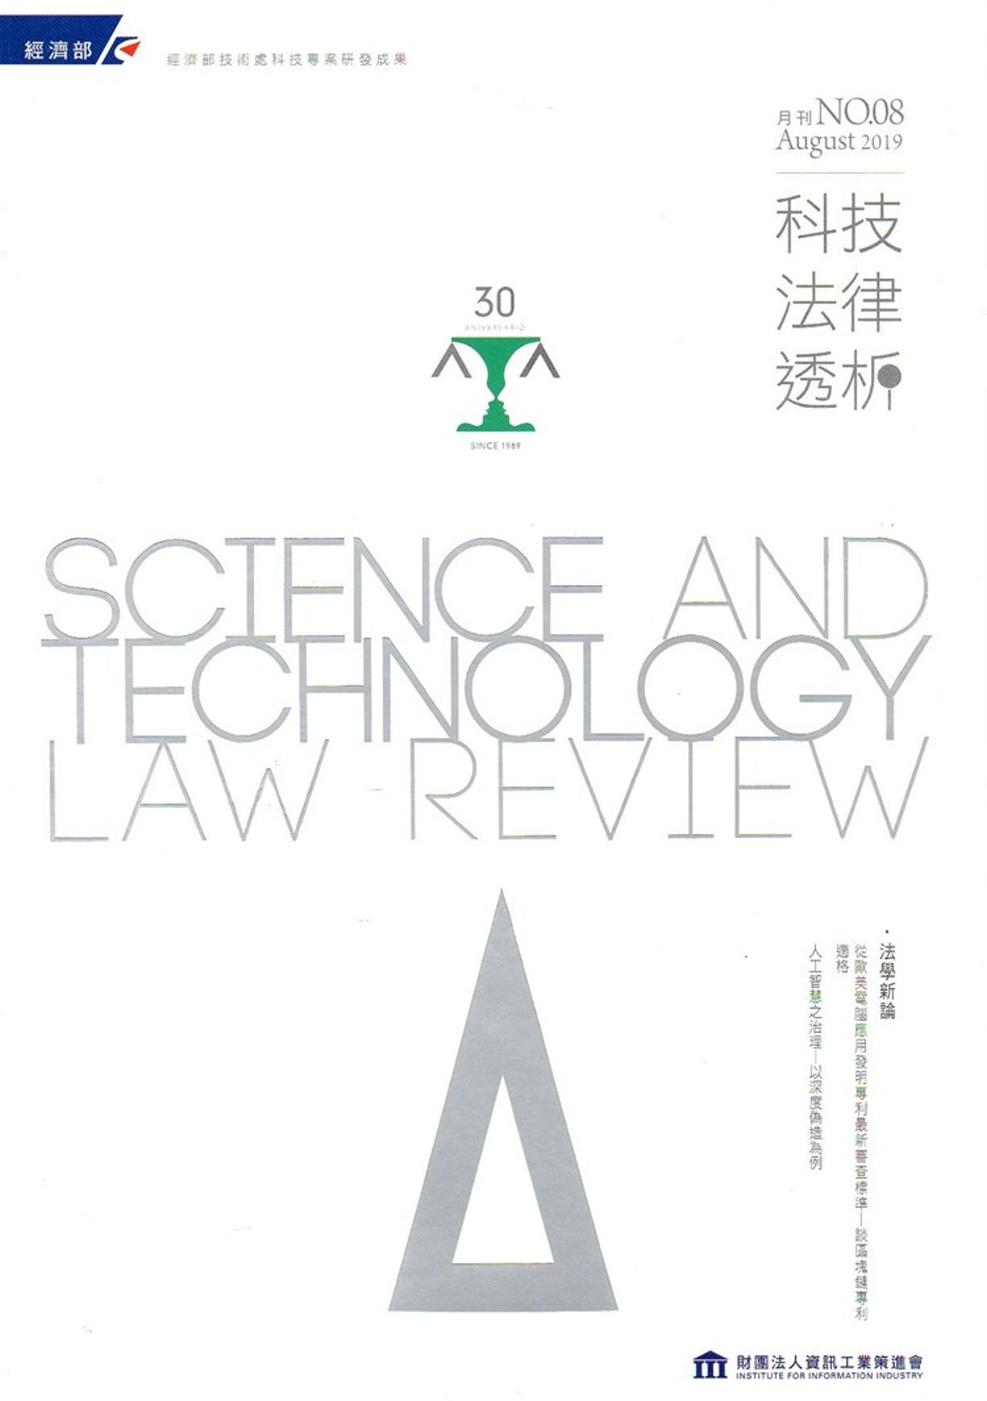 科技法律透析月刊第31卷第08期